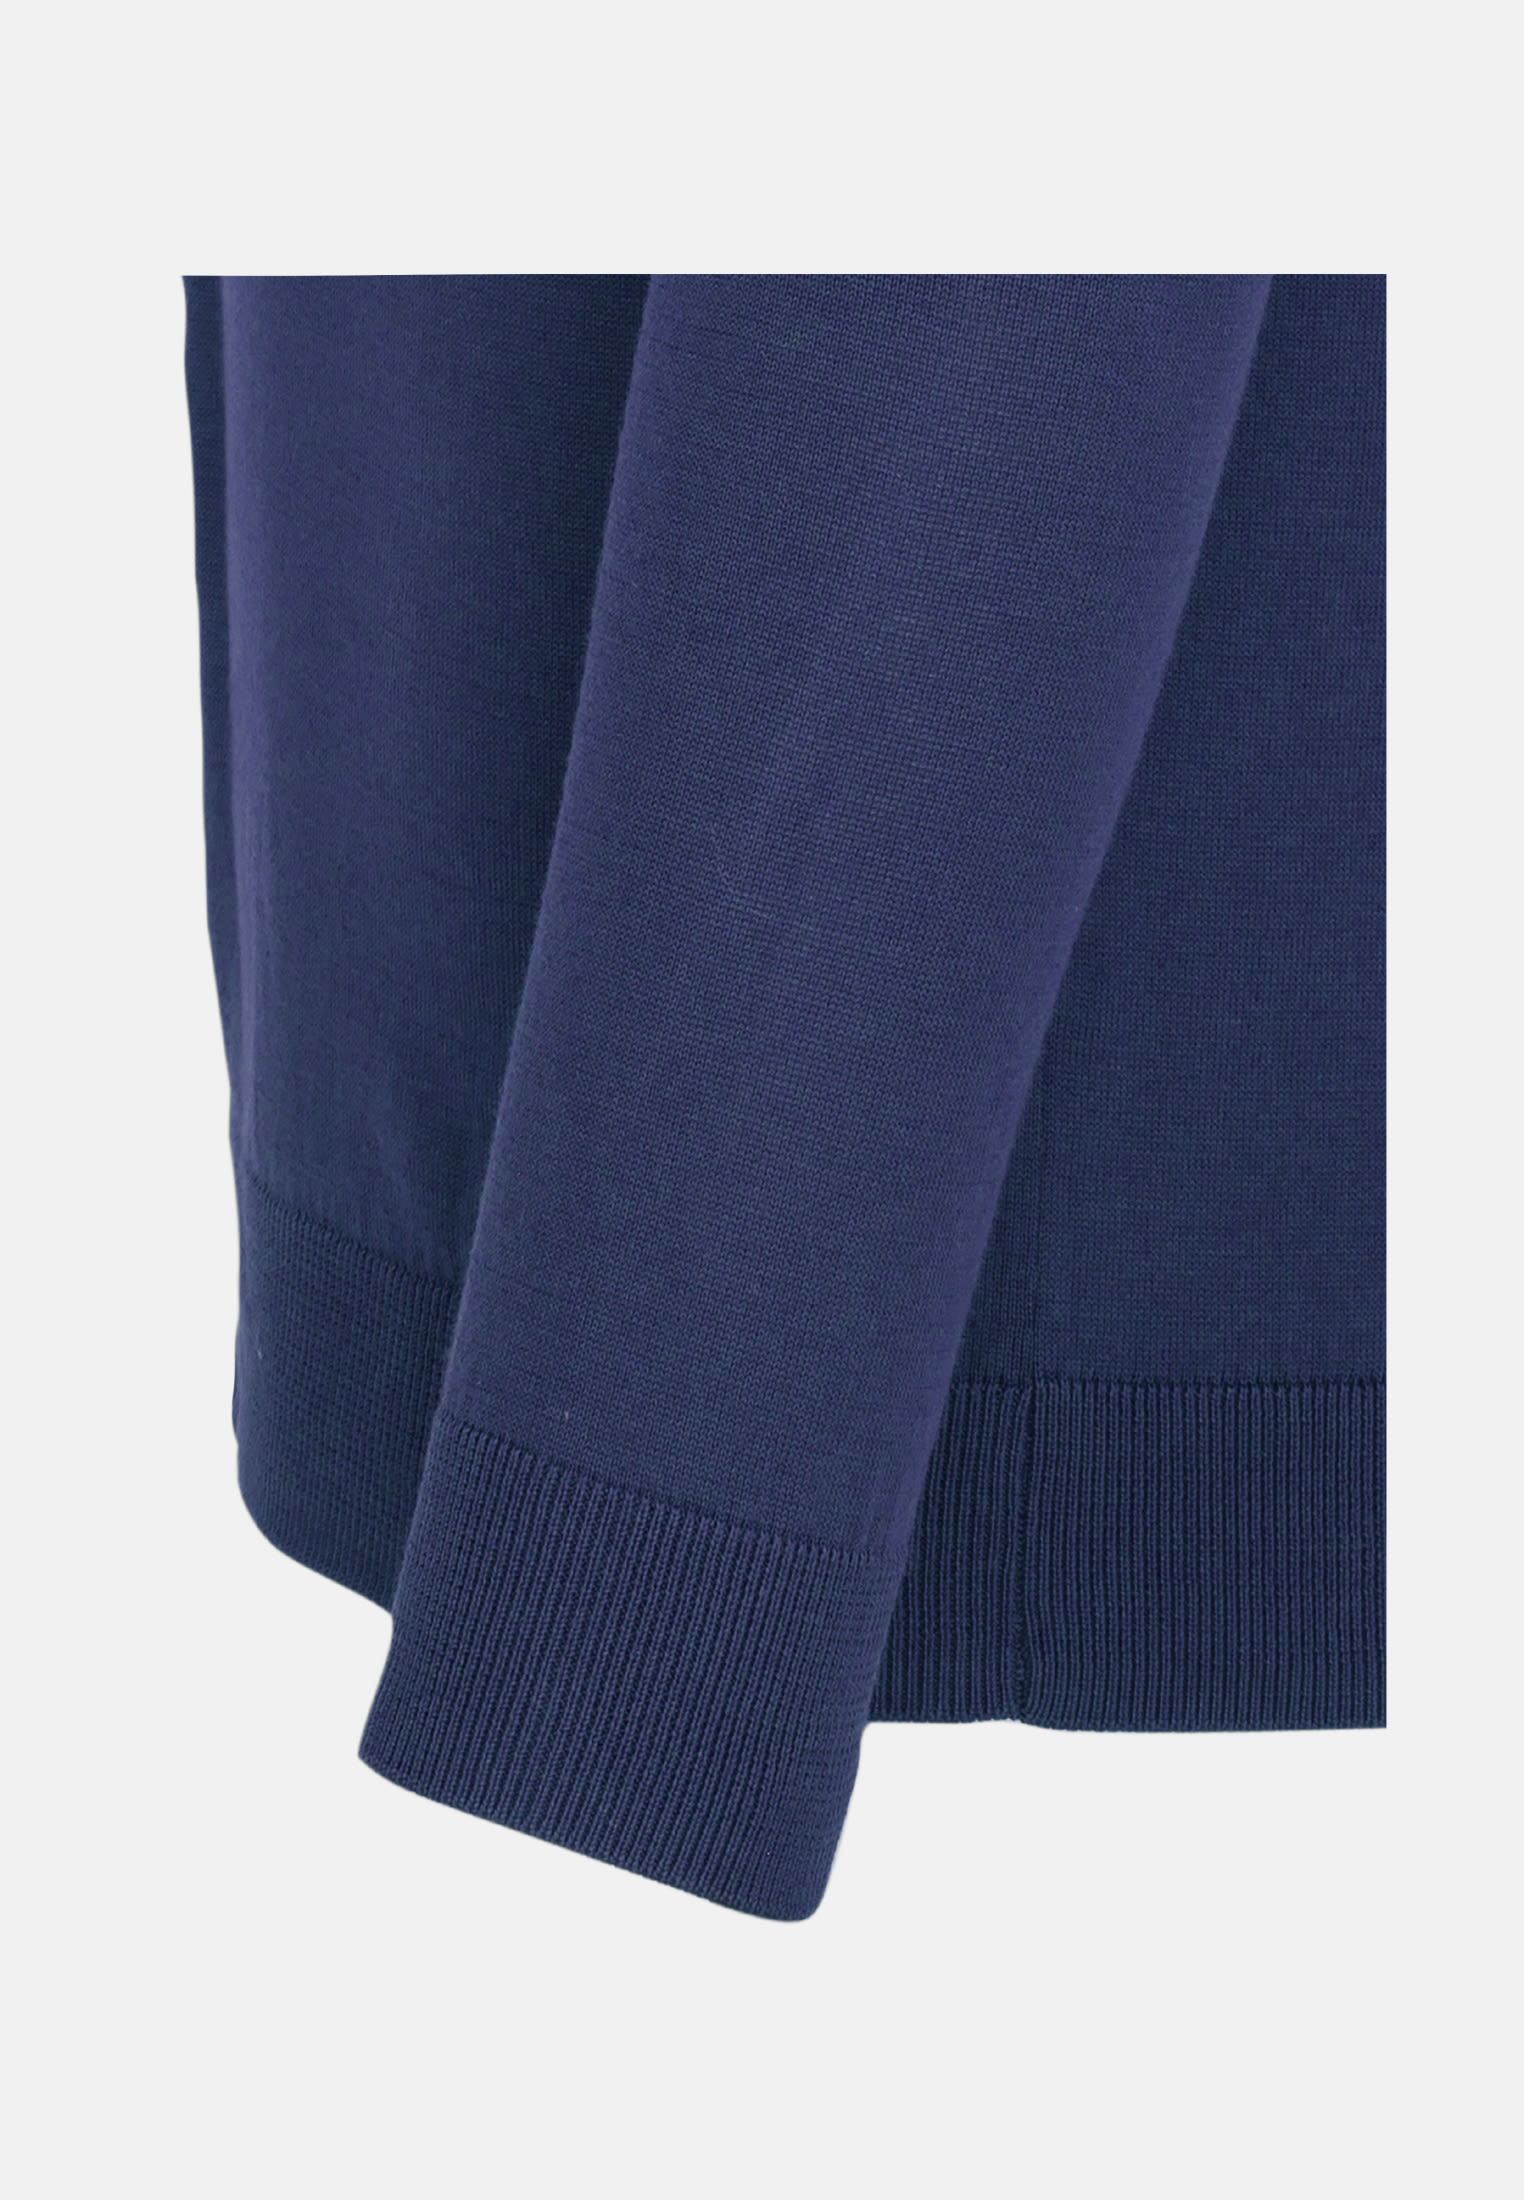 Crew Neck Pullover made of 100% Cotton in Medium blue |  Seidensticker Onlineshop